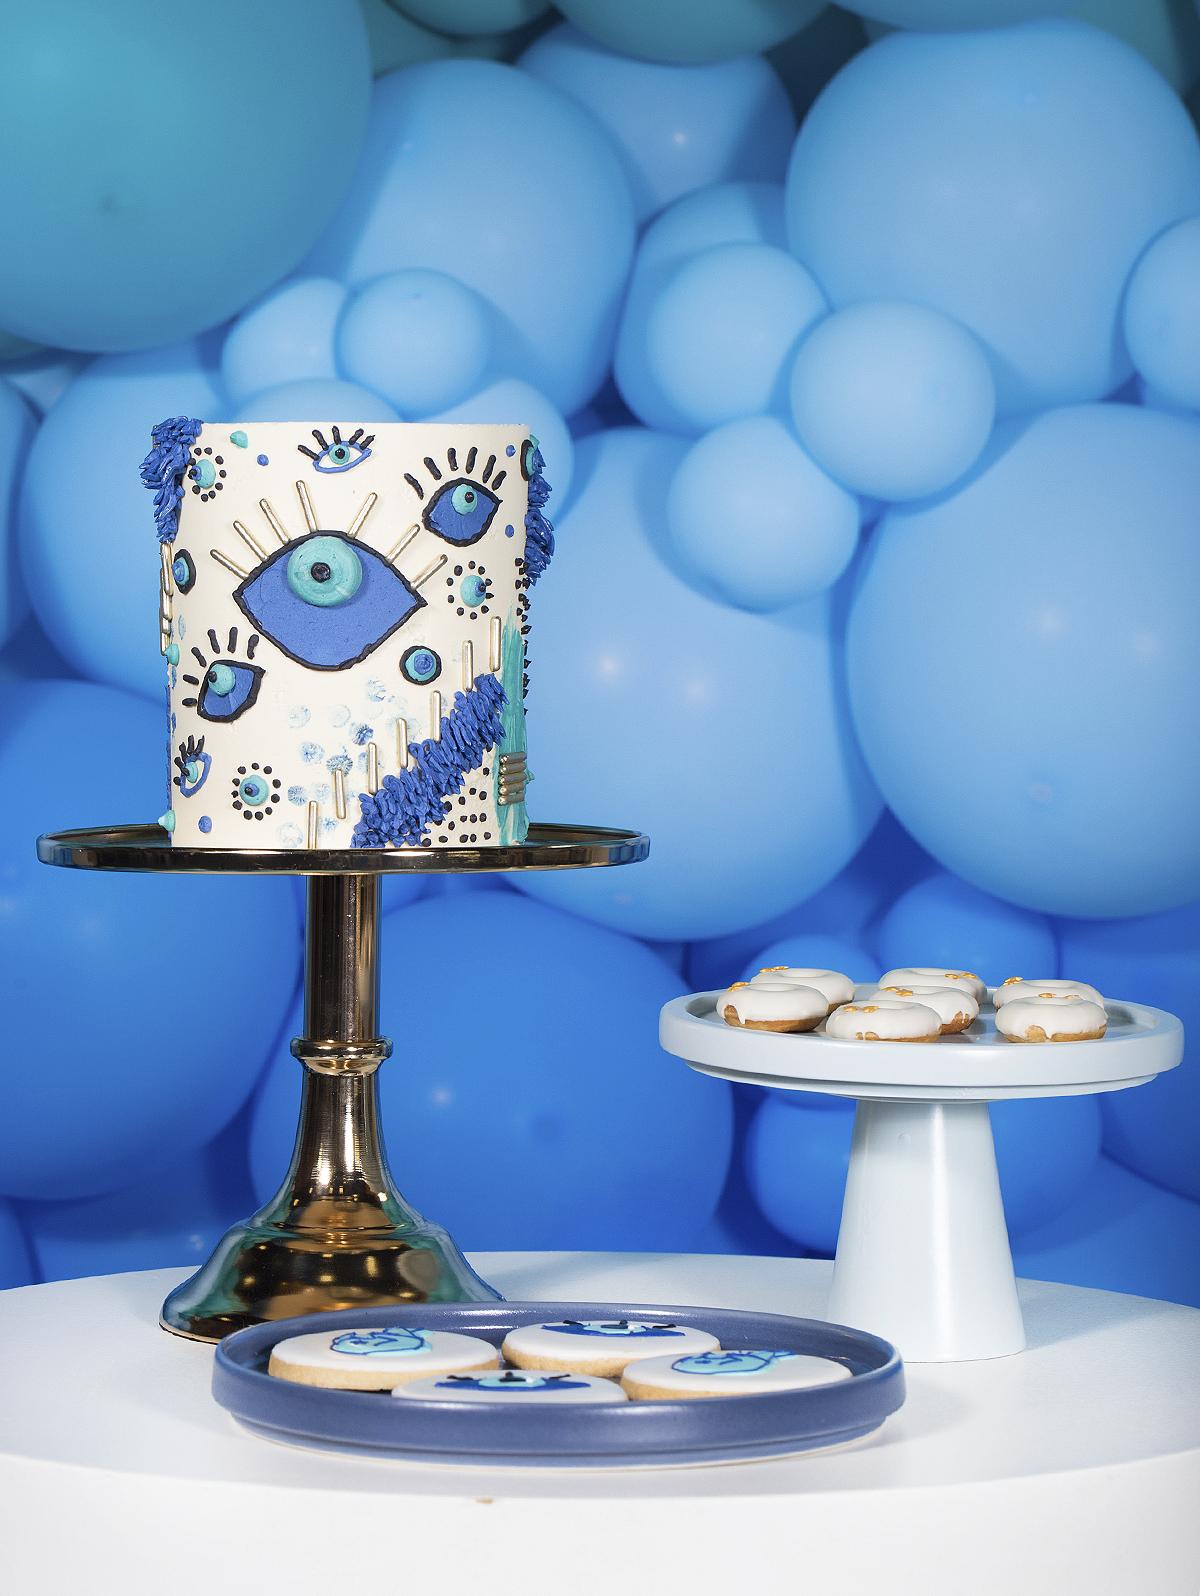 faca voce mesmo tutorial lustre de franjas metalizadas decoracao festa diy fringe tinsel chandelier